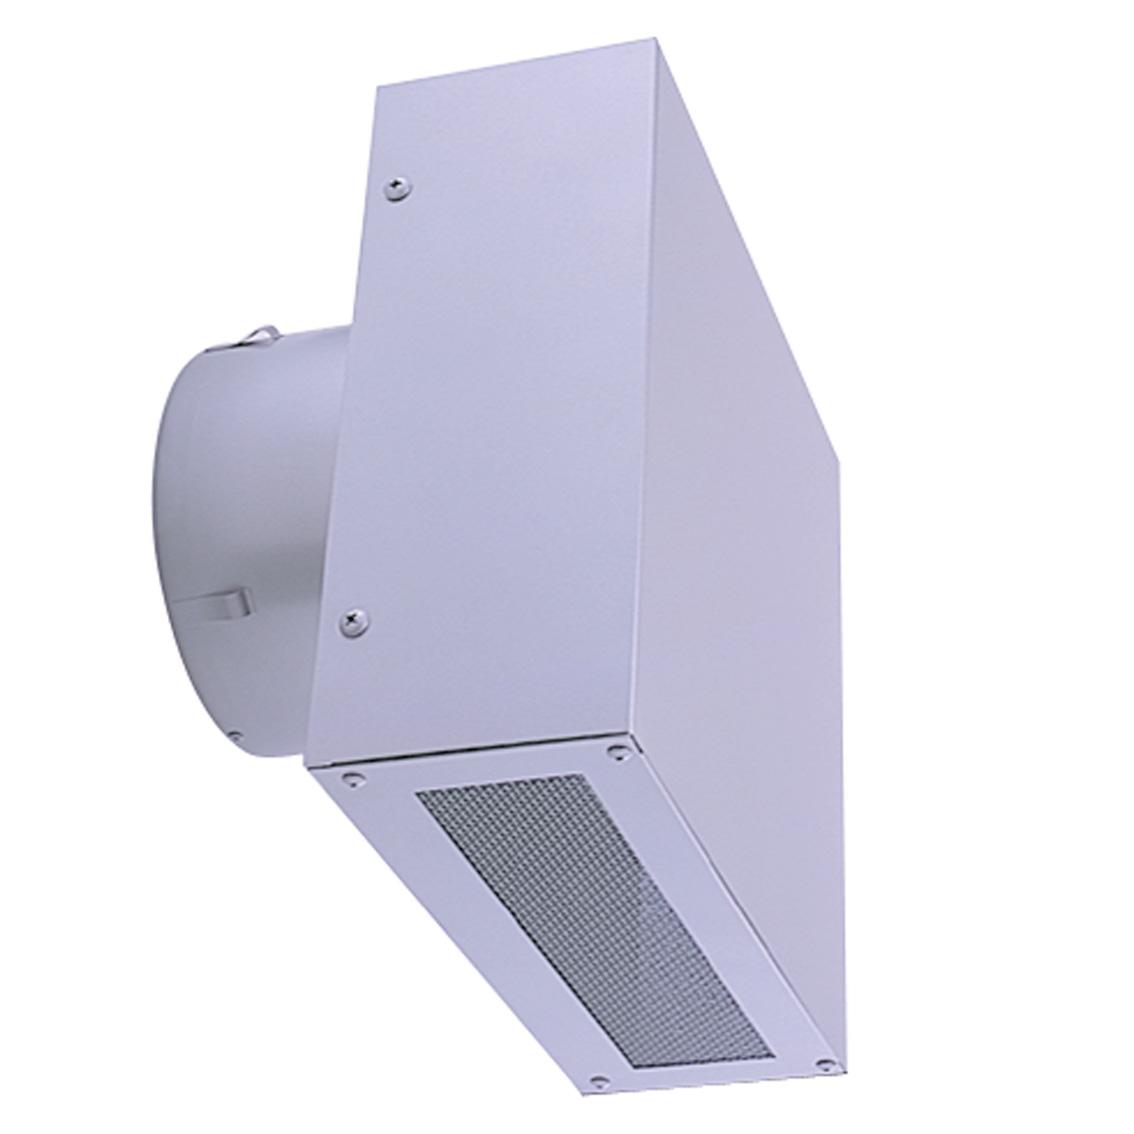 西邦工業 SEIHO KKND125BSC 受注生産 防音型製品(ステンレス製換気口) 金網型10メッシュ 防音タイプ 防火ダンパー付